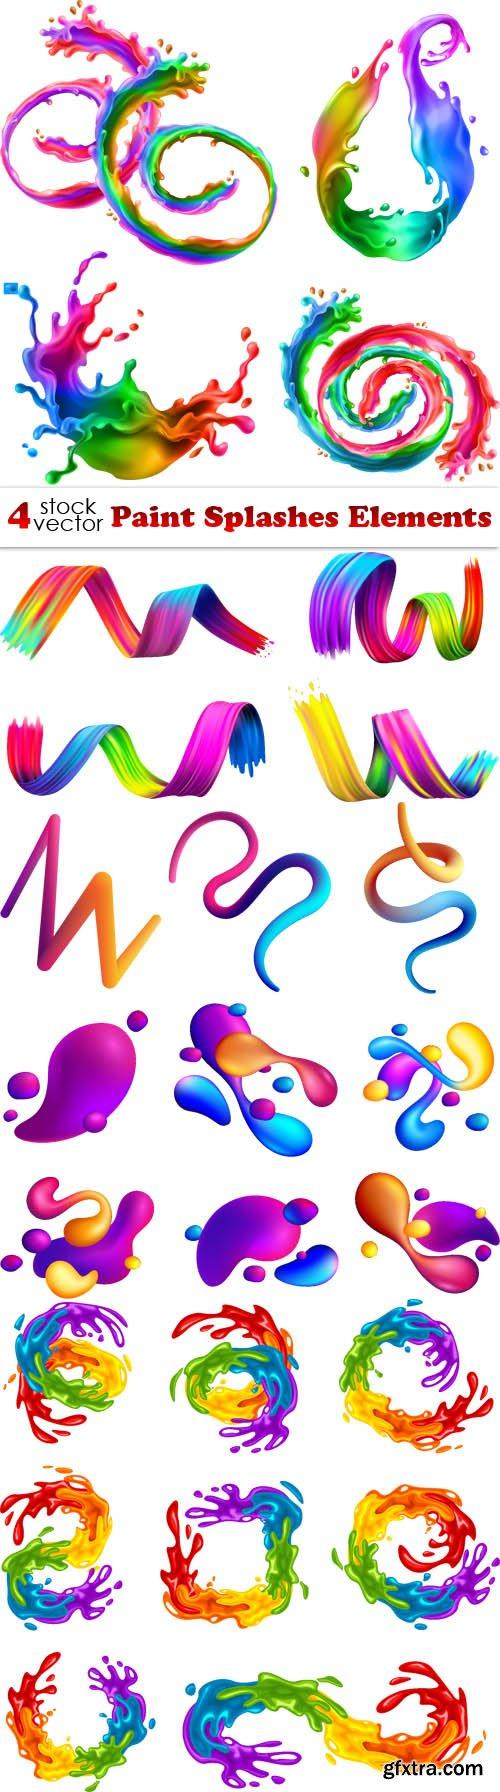 Vectors - Paint Splashes Elements